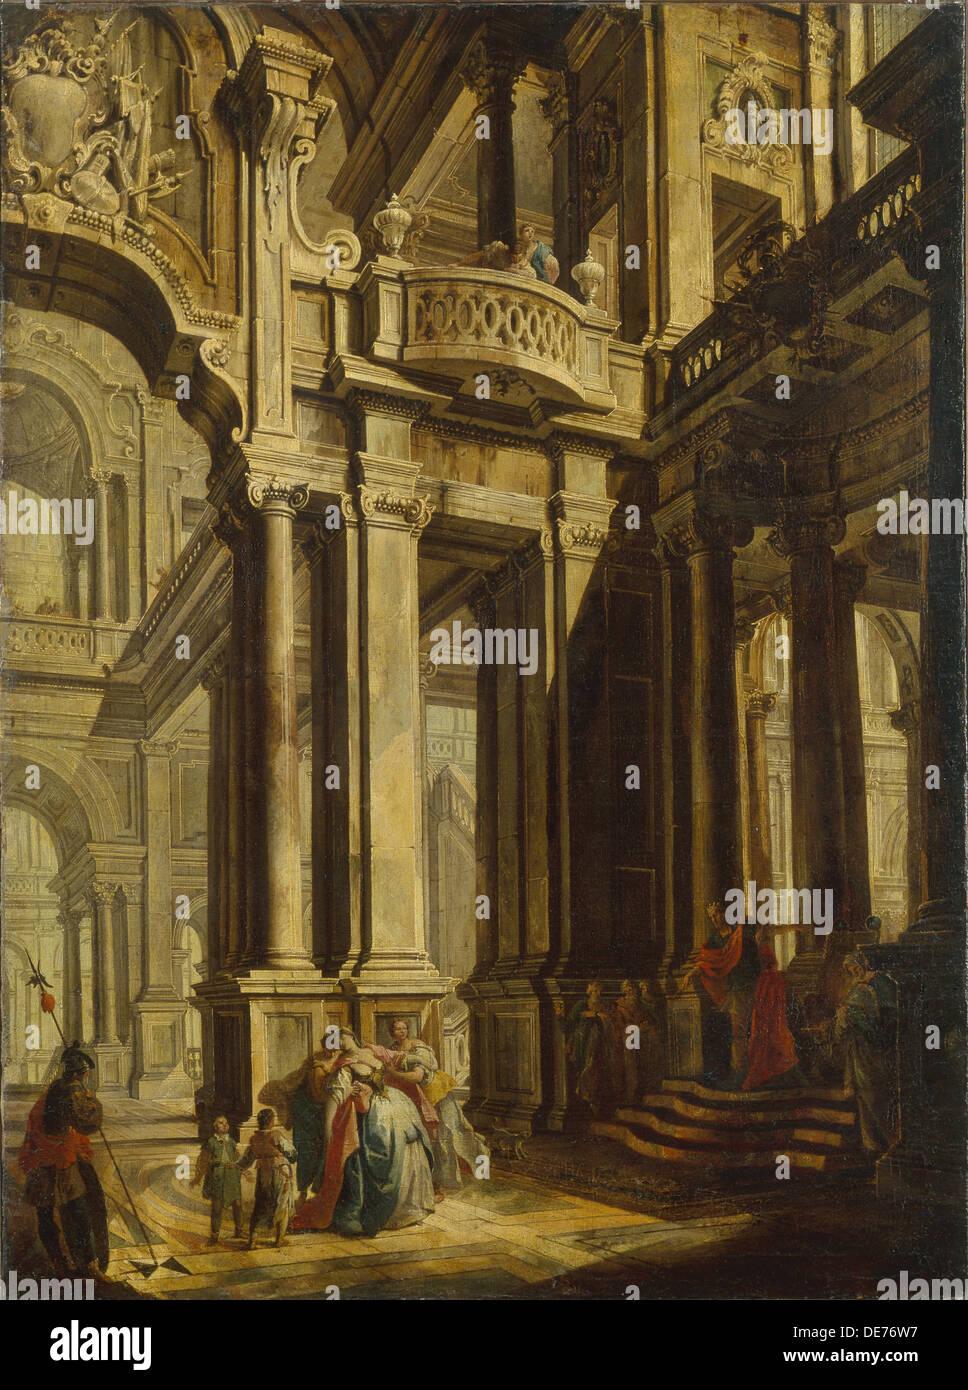 Esther before Ahasuerus. Artist: Bigari, Vittorio Maria (1692-1776) - Stock Image